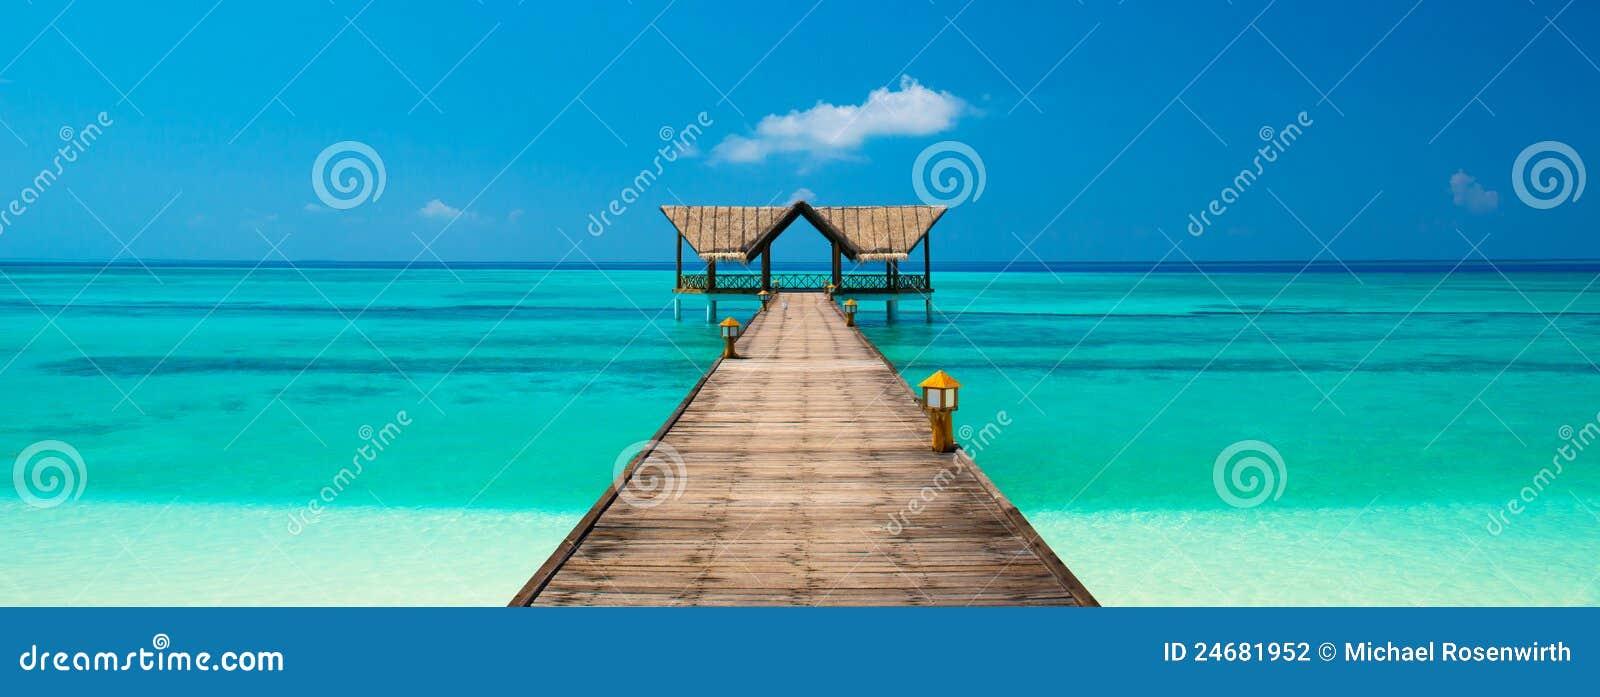 Jetée sur une plage tropicale